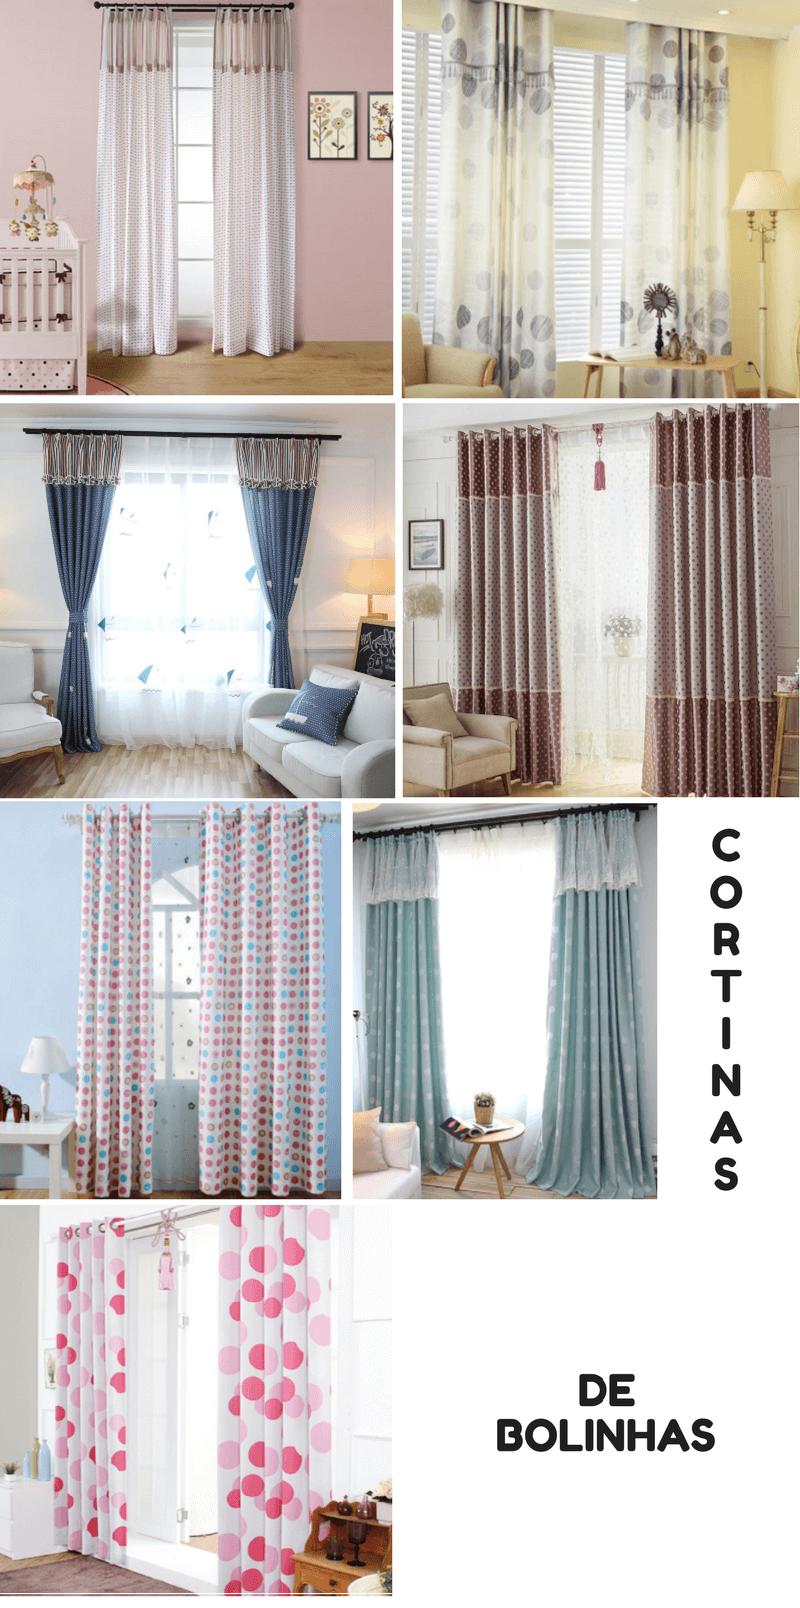 cortinas de bolinhas inspiração decoração